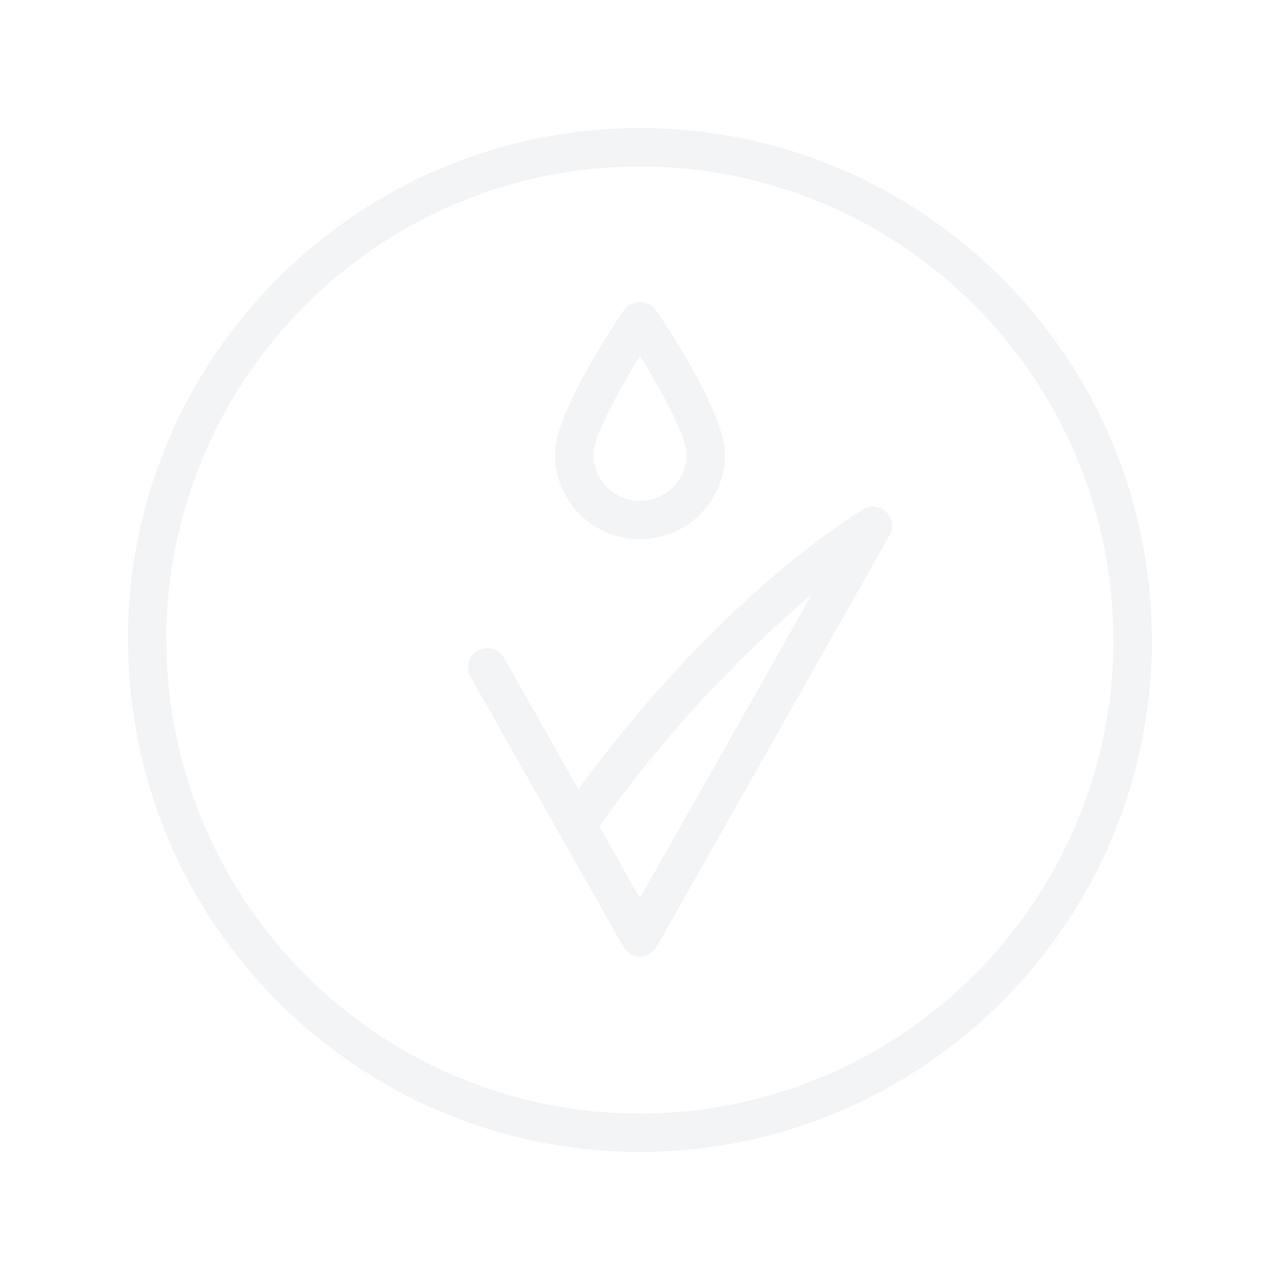 ALESSANDRO Nail Polish No.77 Midnight Black 5ml